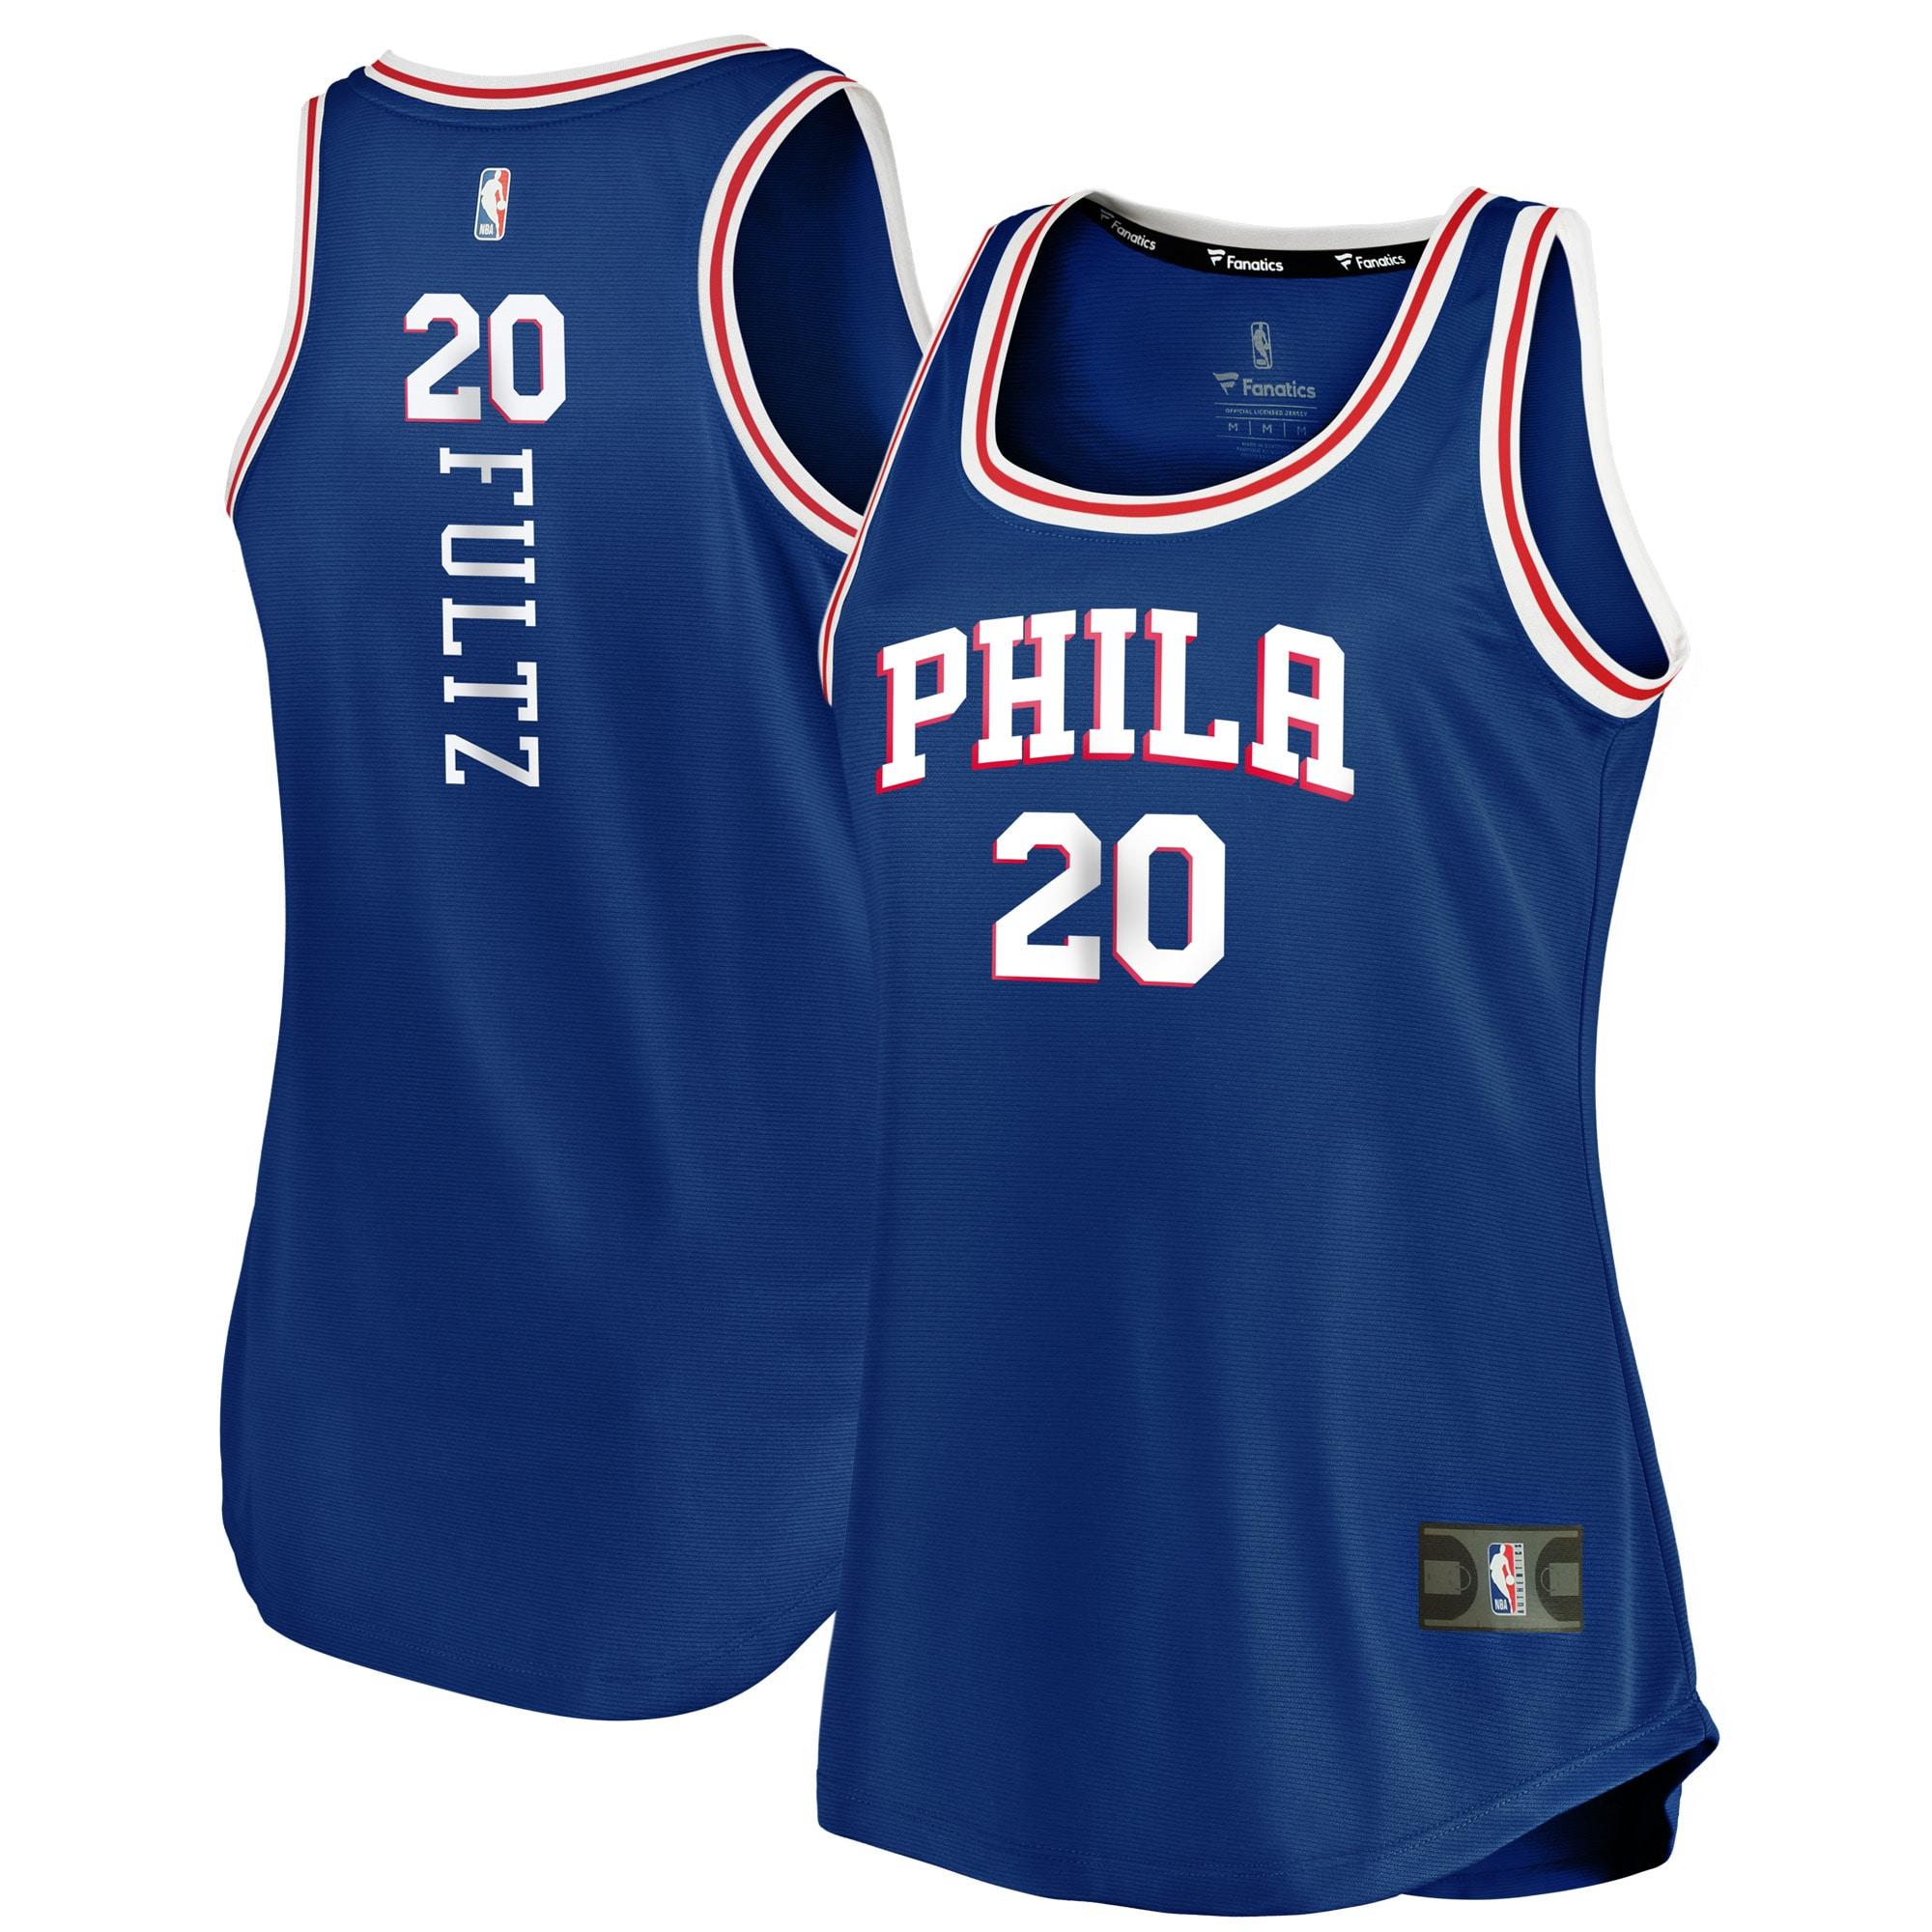 Markelle Fultz Philadelphia 76ers Fanatics Branded Women's Fast Break Tank Jersey - Icon Edition - Royal